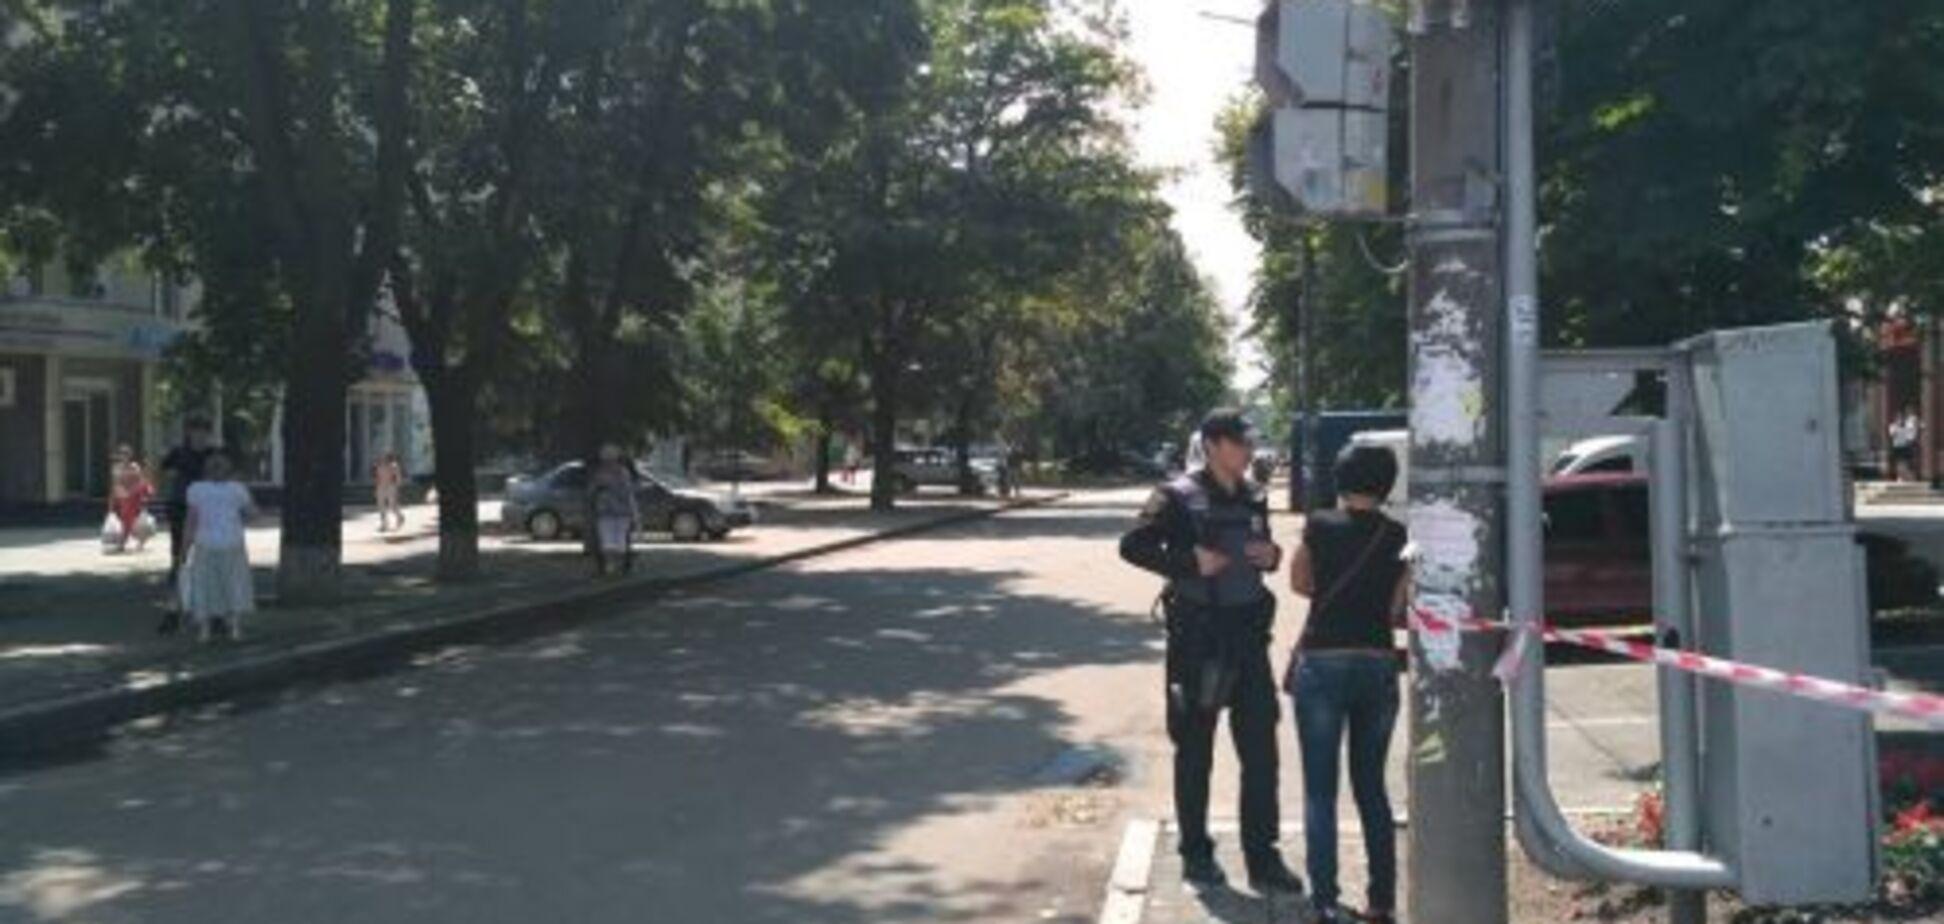 'Звучит автоматная очередь': что произошло в Черкассах